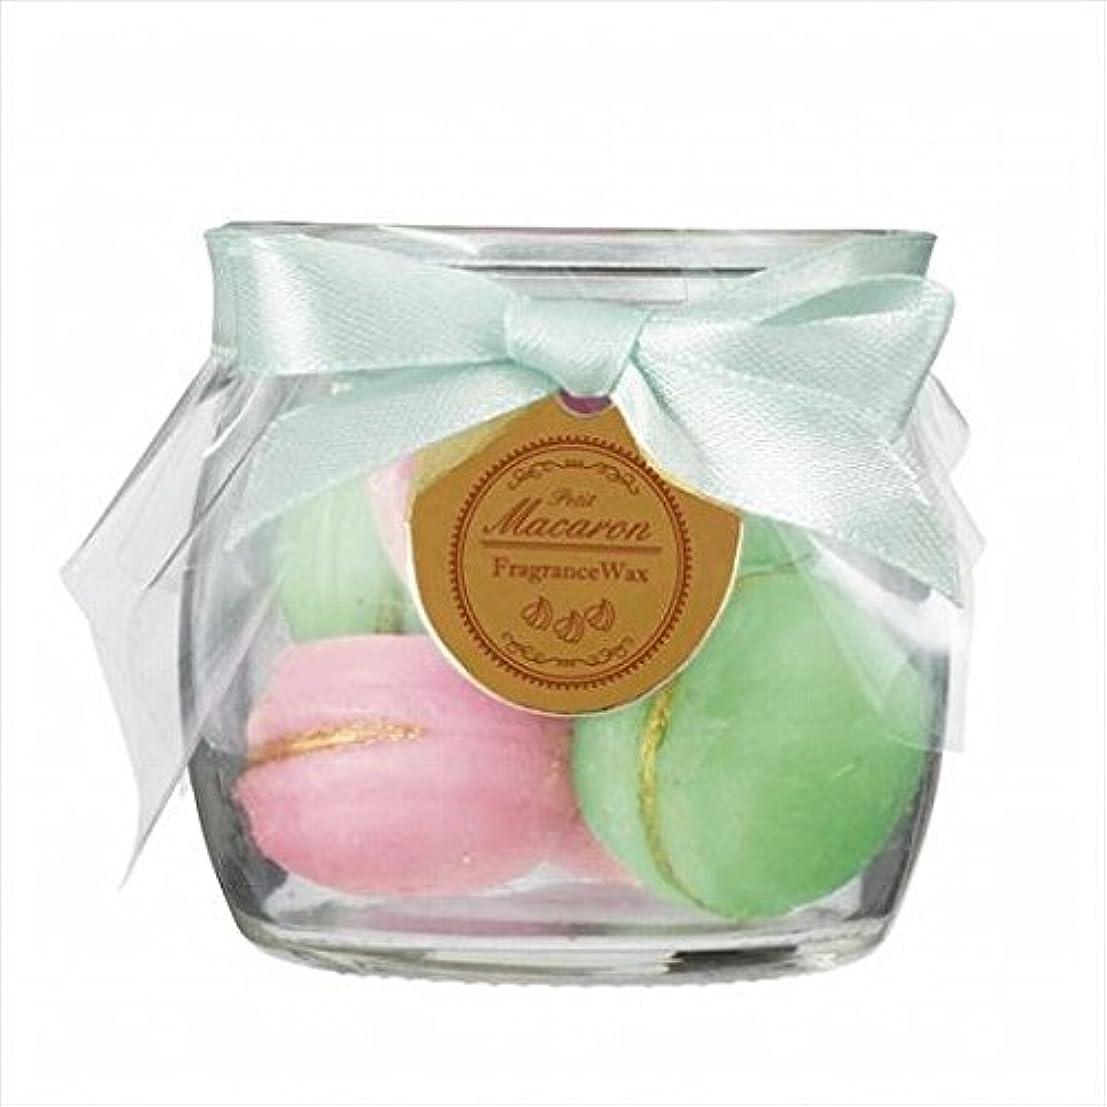 推定うねる年金sweets candle(スイーツキャンドル) プチマカロンフレグランス 「 レモン 」 キャンドル 60x60x56mm (A3160530)